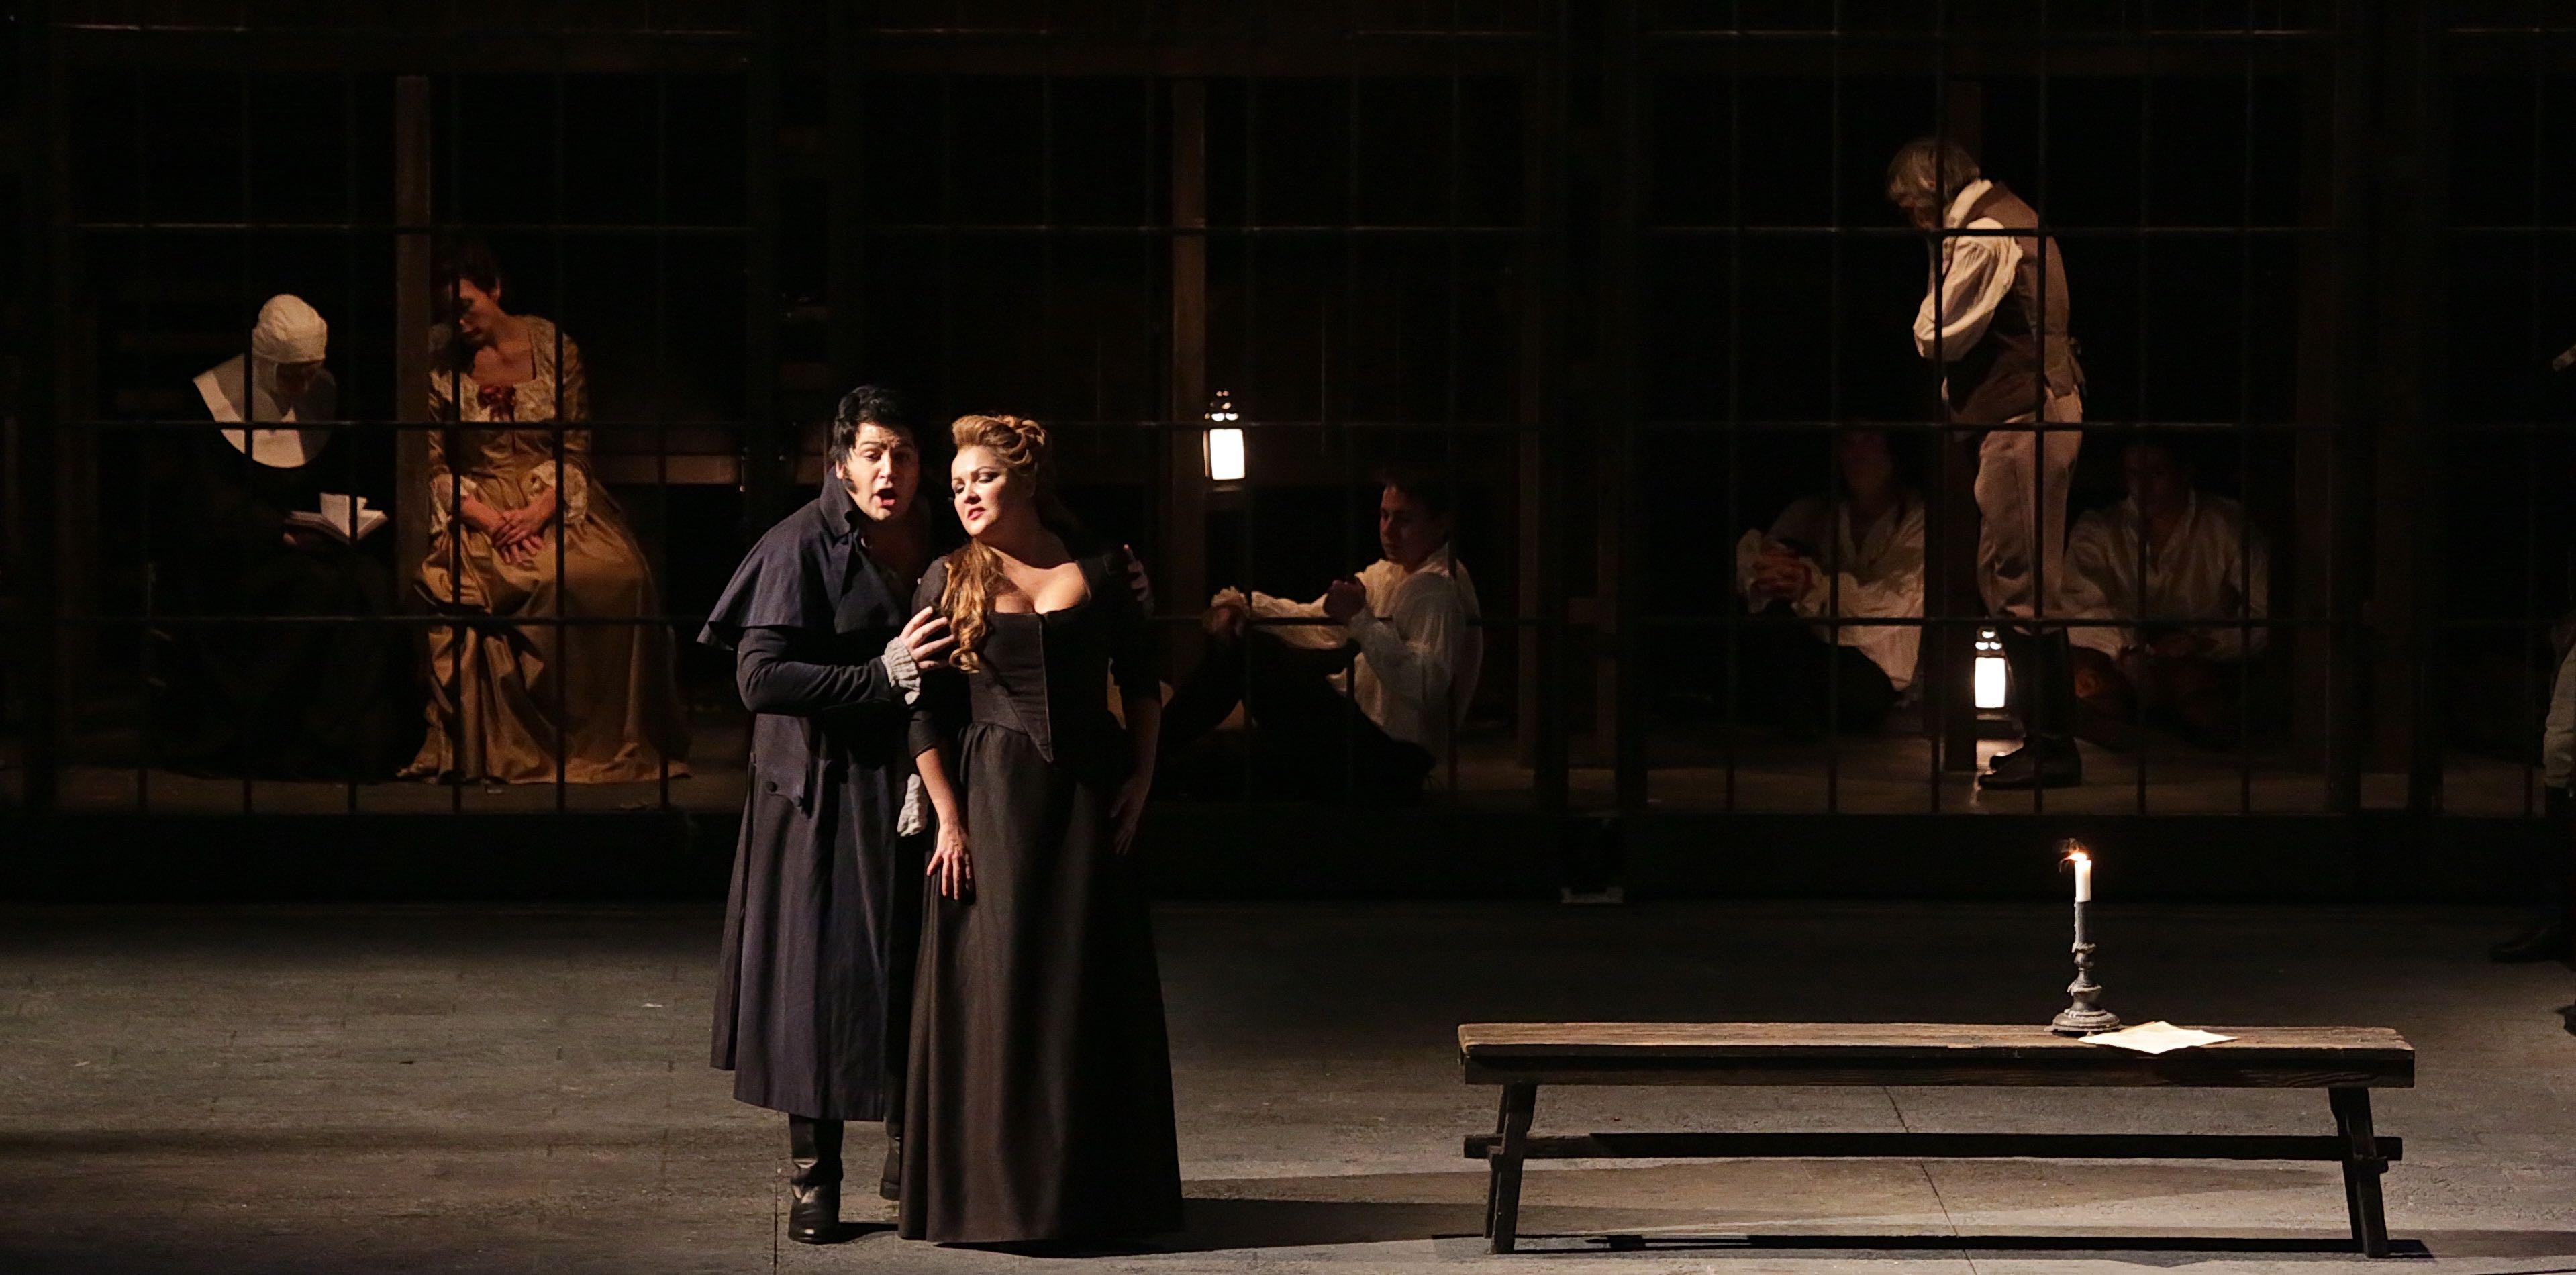 Andrea Chénier, Teatro alla Scala, Milano, Italia, Anna Netrebko, Yusif Eyvazov, Brescia/Amisano, Luca Salsi, Carlo Bosi, Riccardo Chailly, Anteprima Under 30